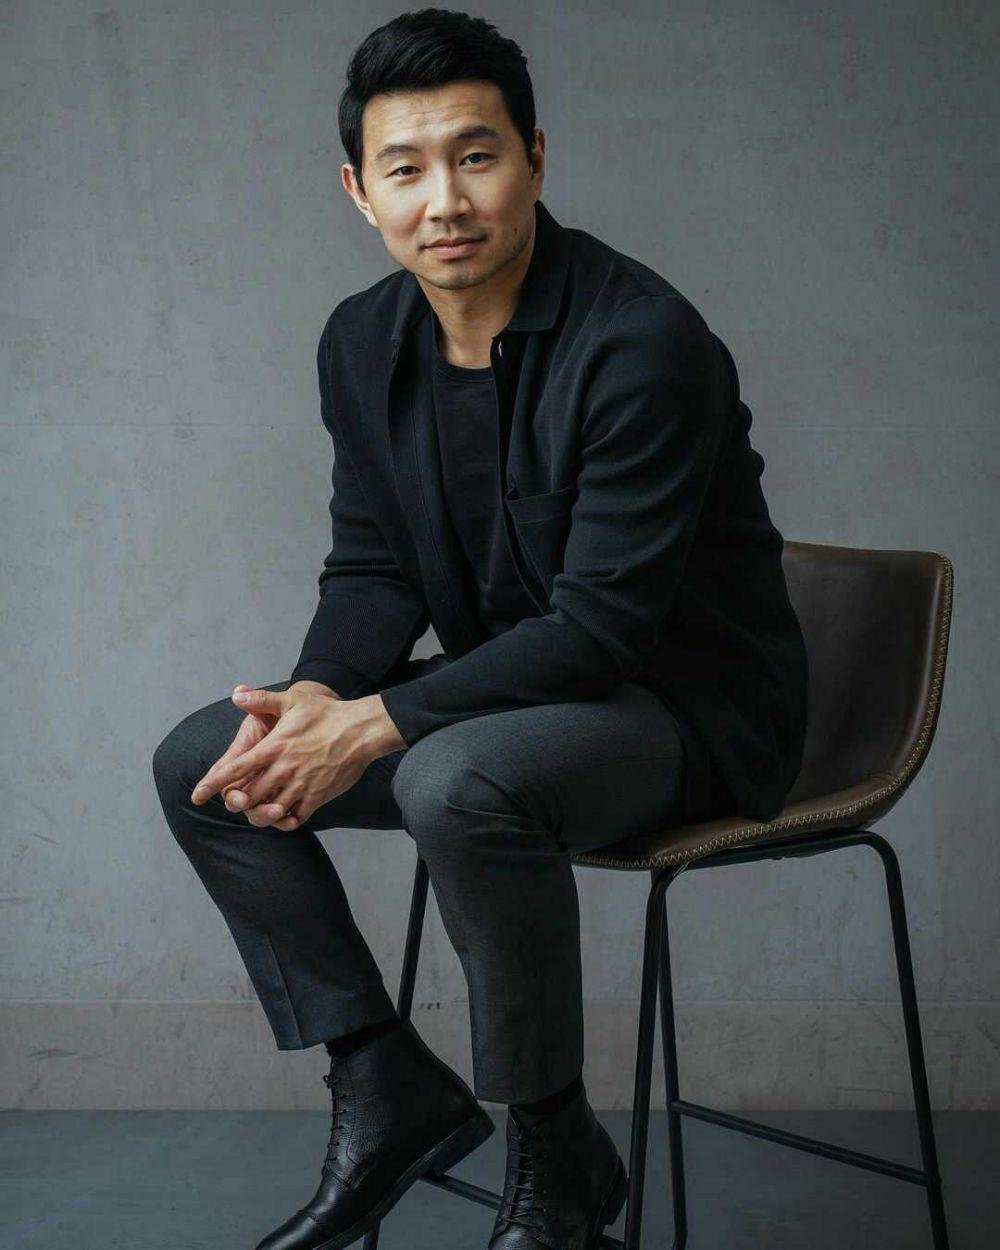 9 Ide Outfit Trendi ala Simu Liu, Pemeran Utama di Film Shang-Chi